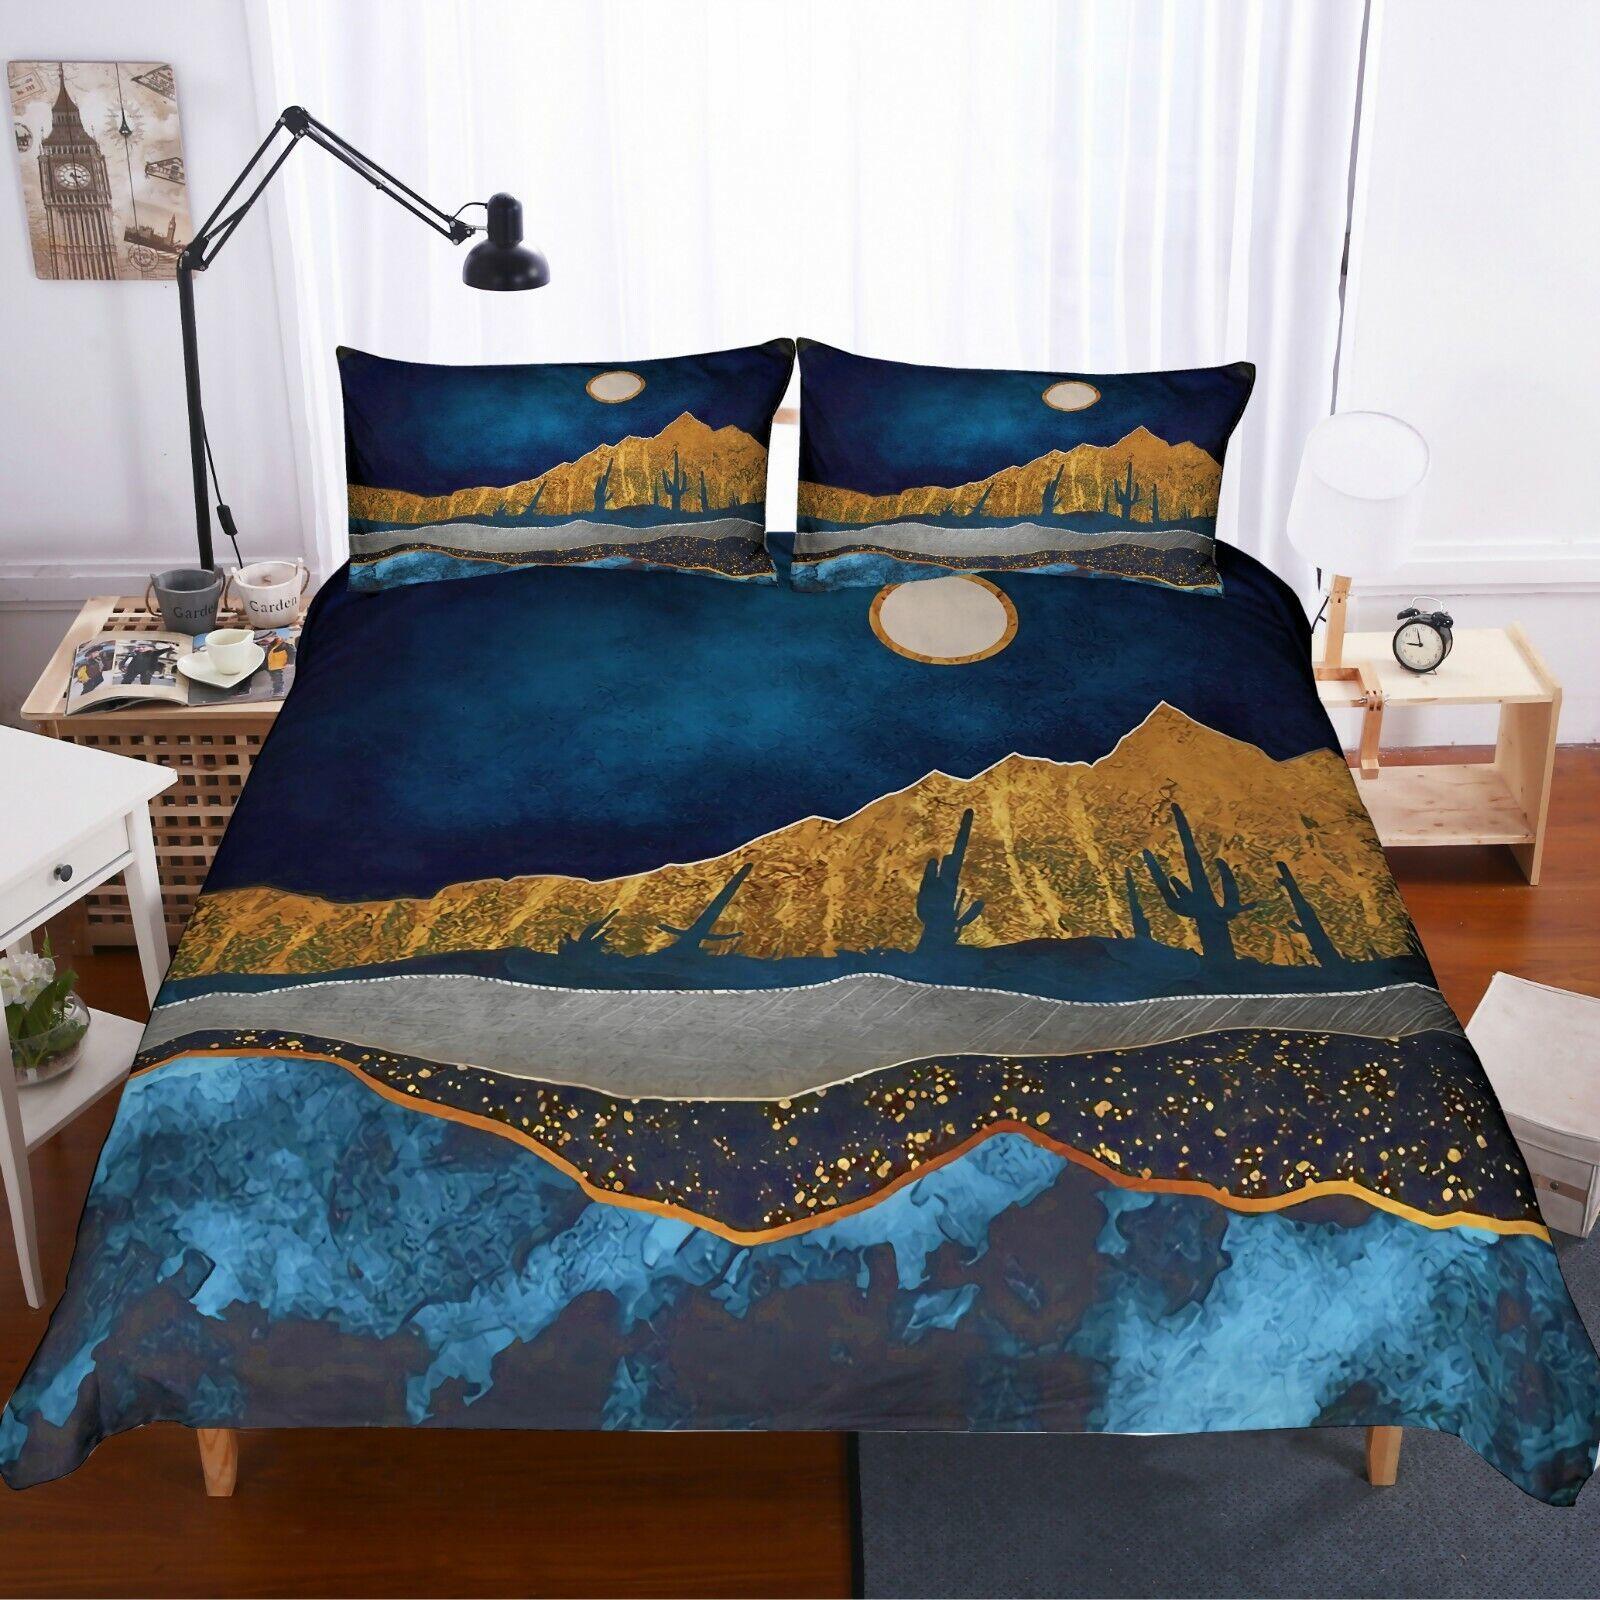 3D Abstract Gilding Mountains Quilt Startseite Set Bettding Duvet Startseite Pillow 18